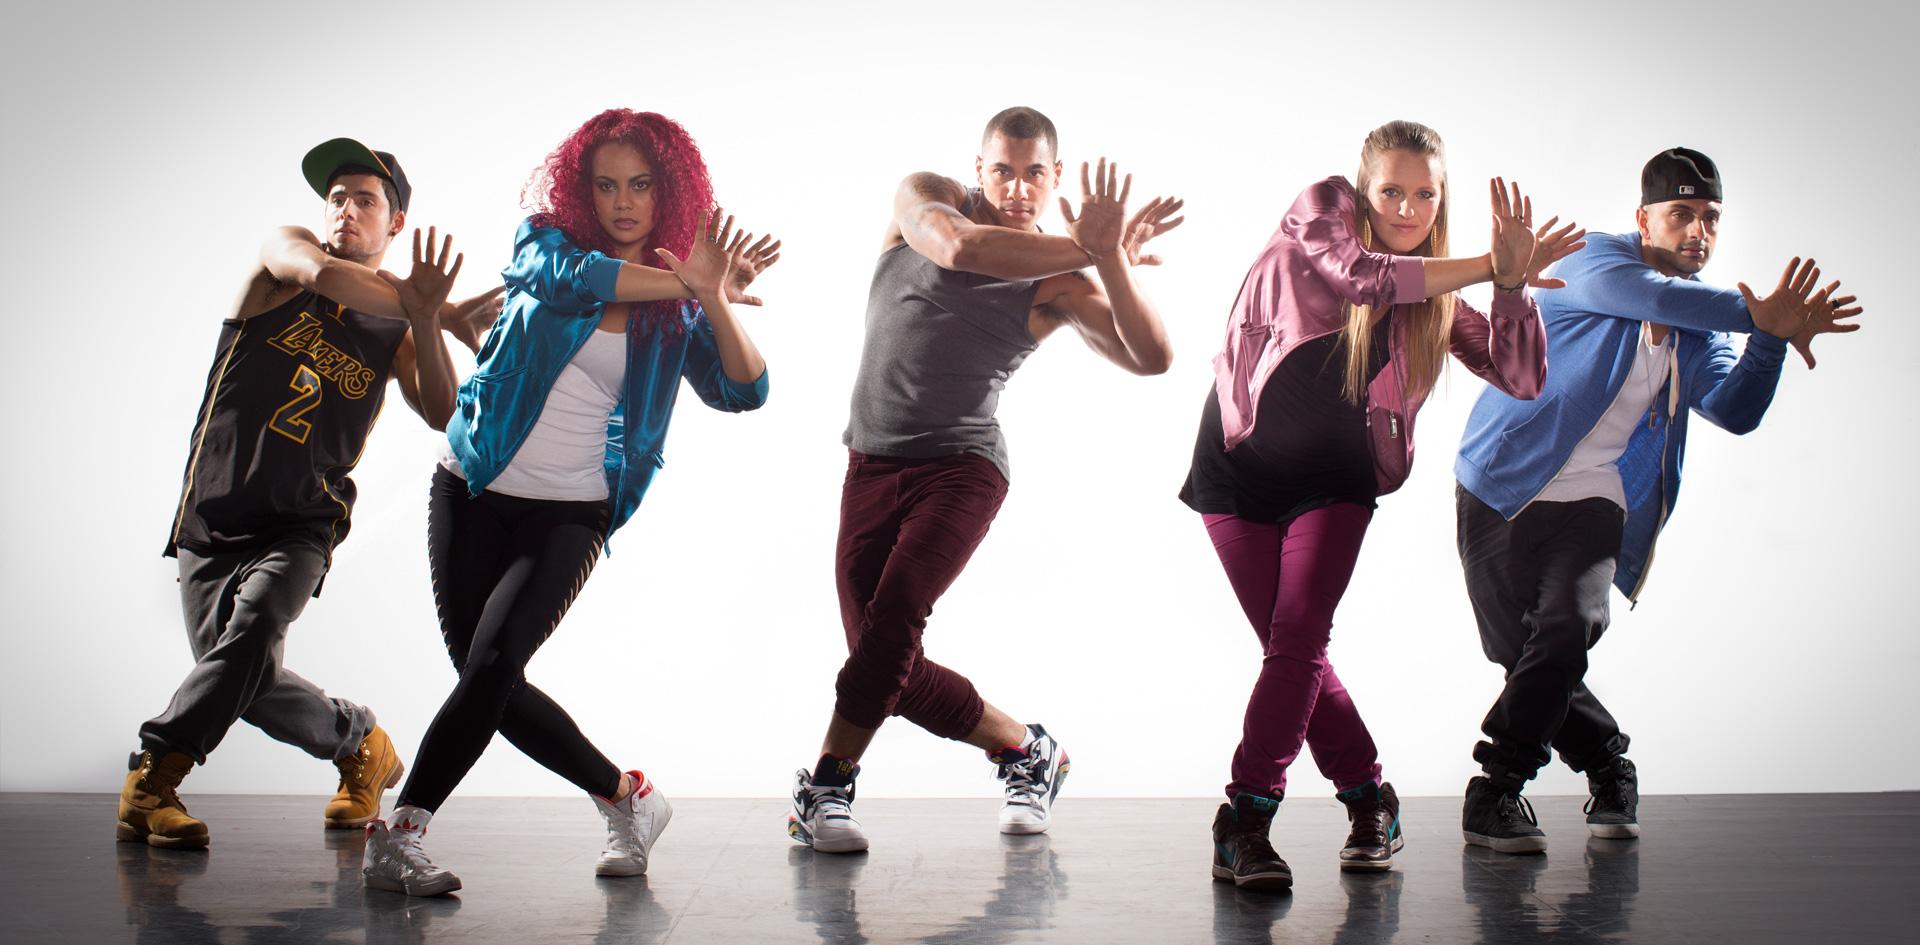 Зажигательные танцы Jazz-funk от Fiestaladies! Скидка 65%!